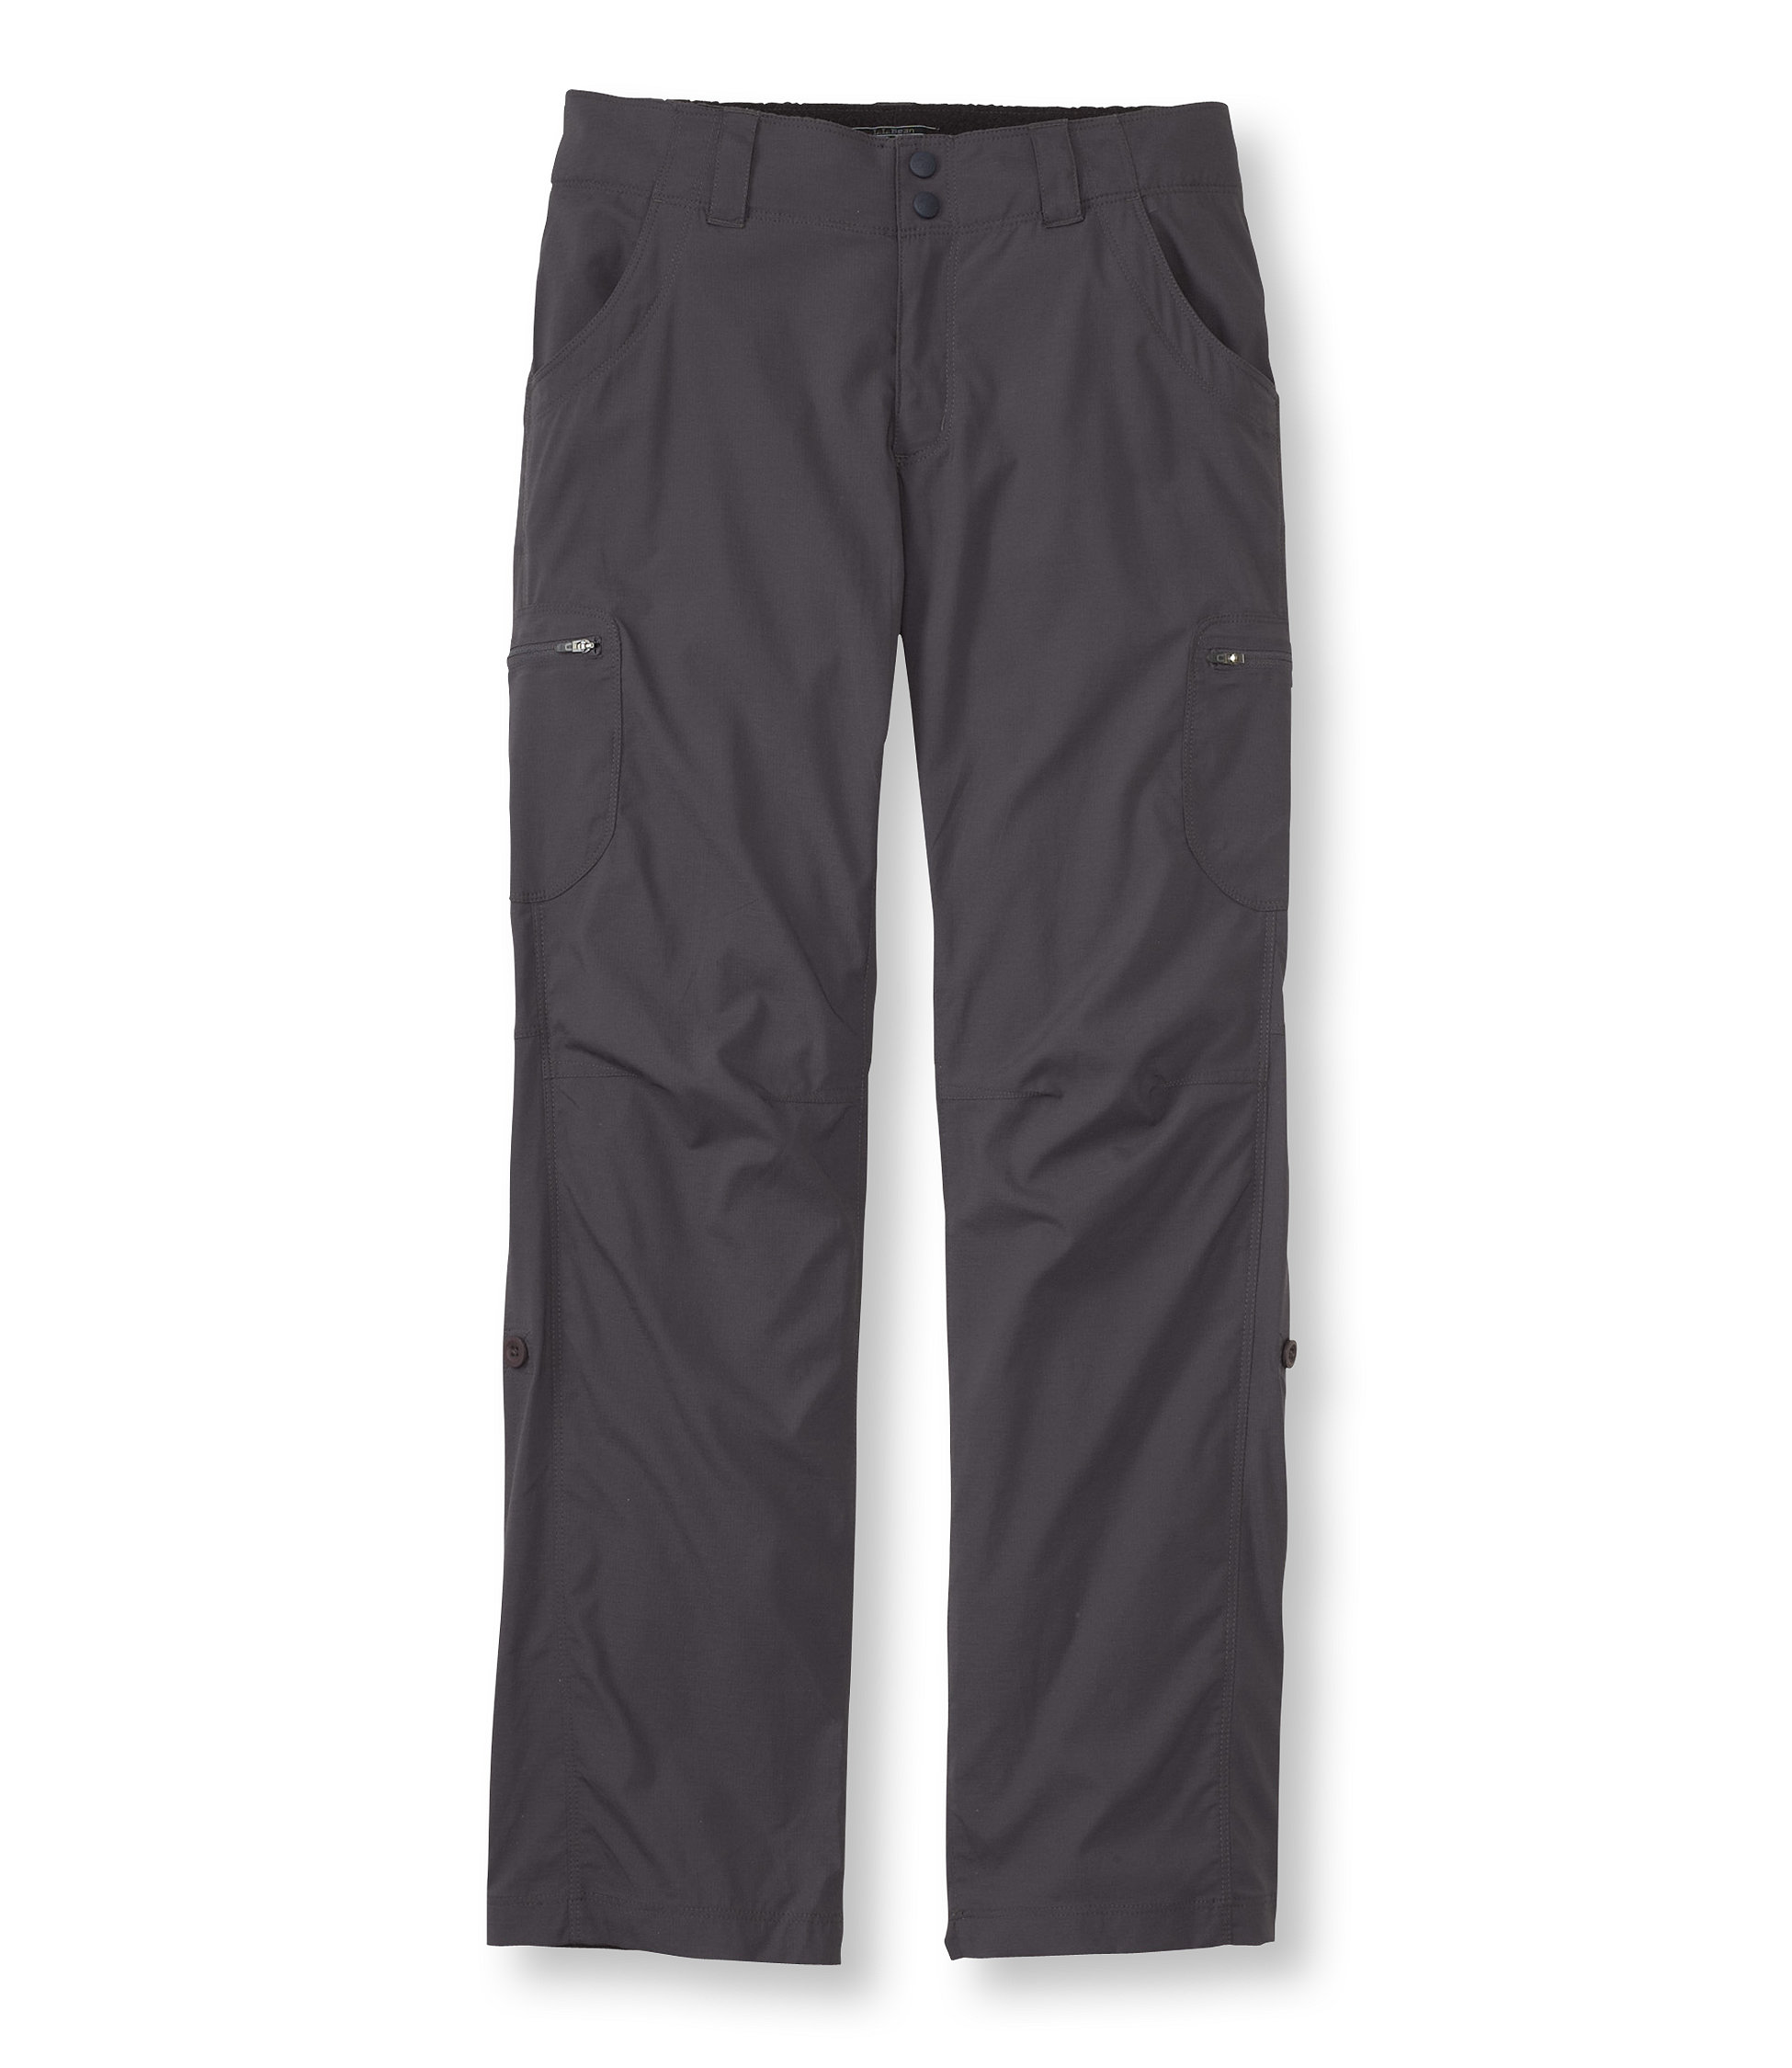 L.L.Bean Vista Trekking Pants